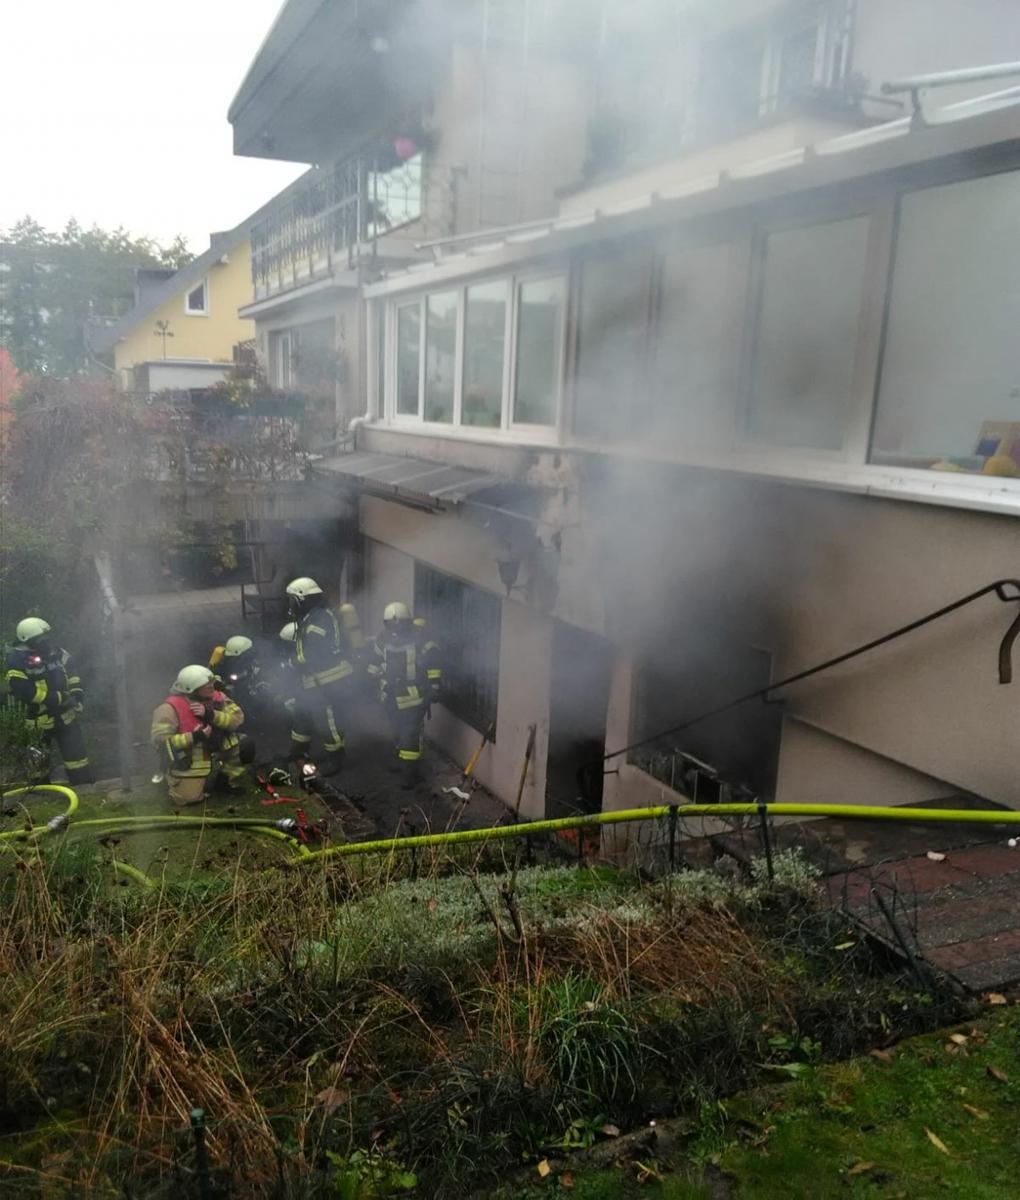 Einsatzkräfte der Feuerwehr Bergisch Gladbach